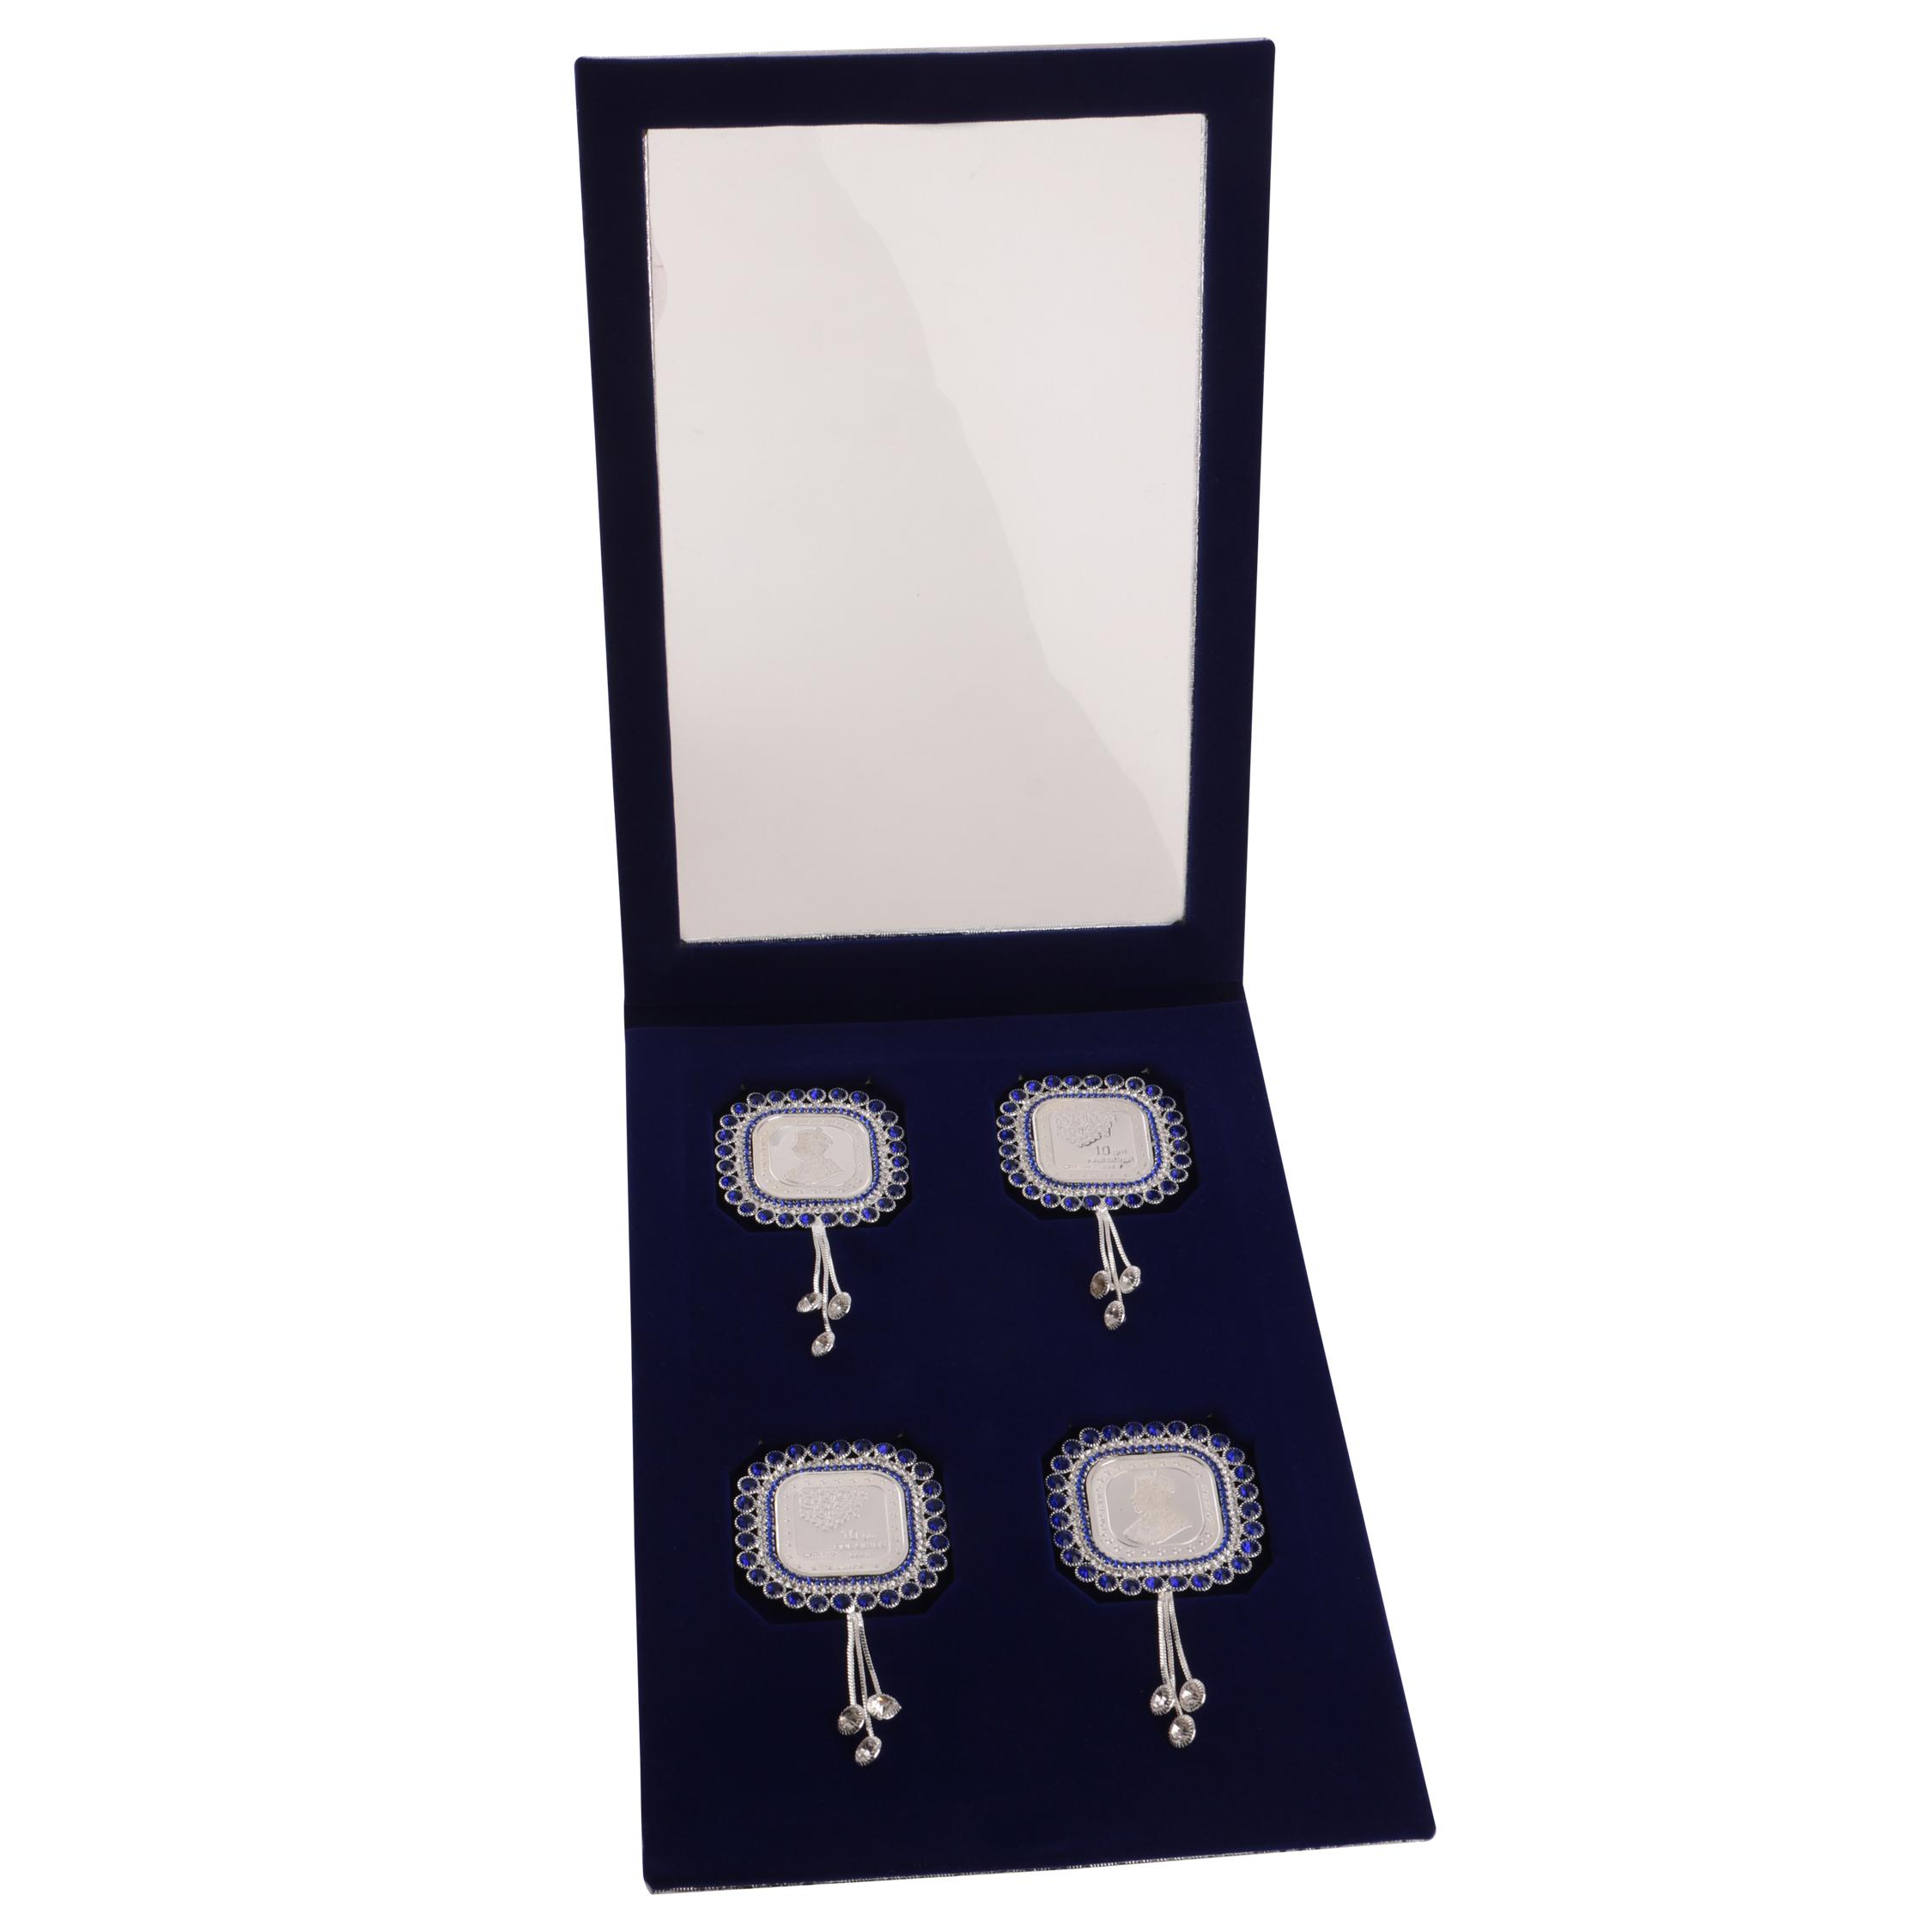 Silver Coin 10gm x4 in Blue Diamond Latkan Packing by Osasbazaar Open